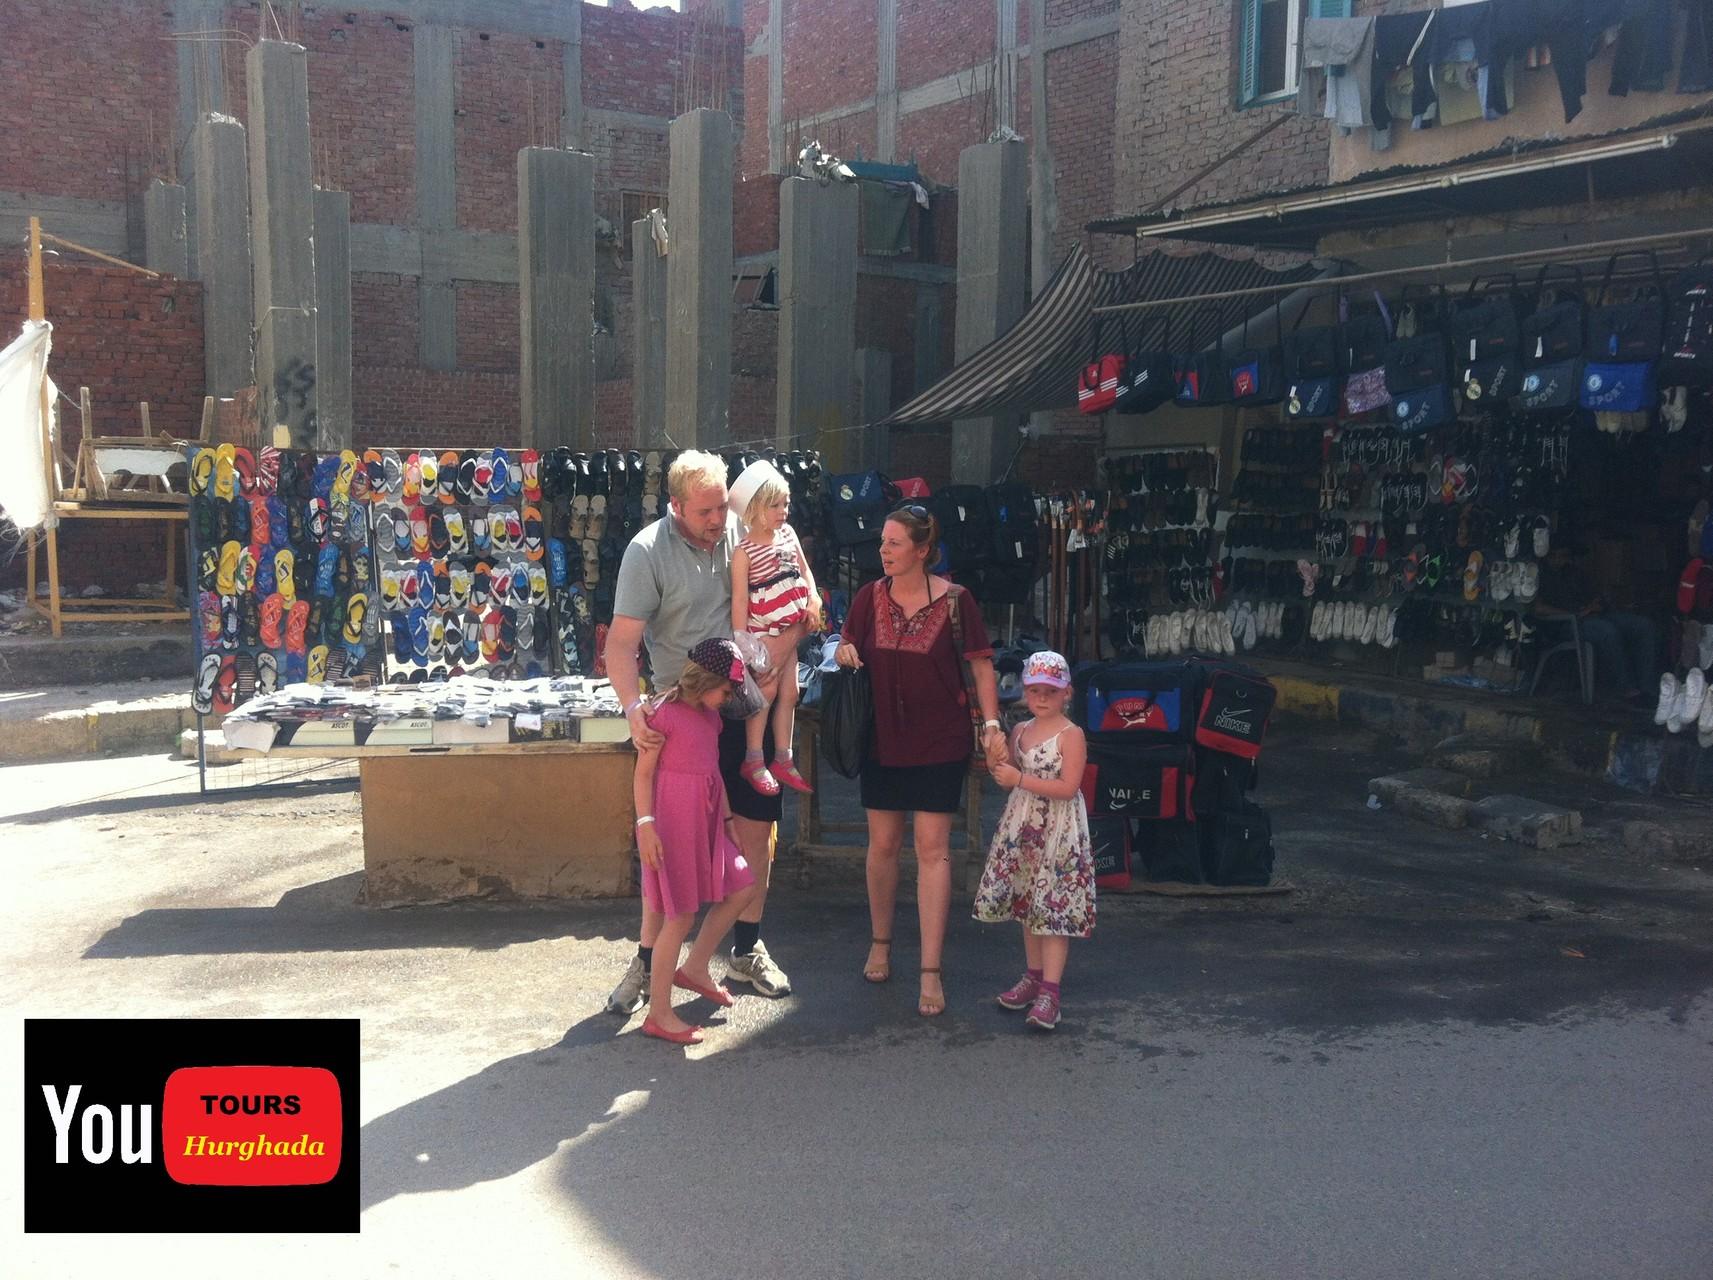 Hurghada Altstadt (Dahar)